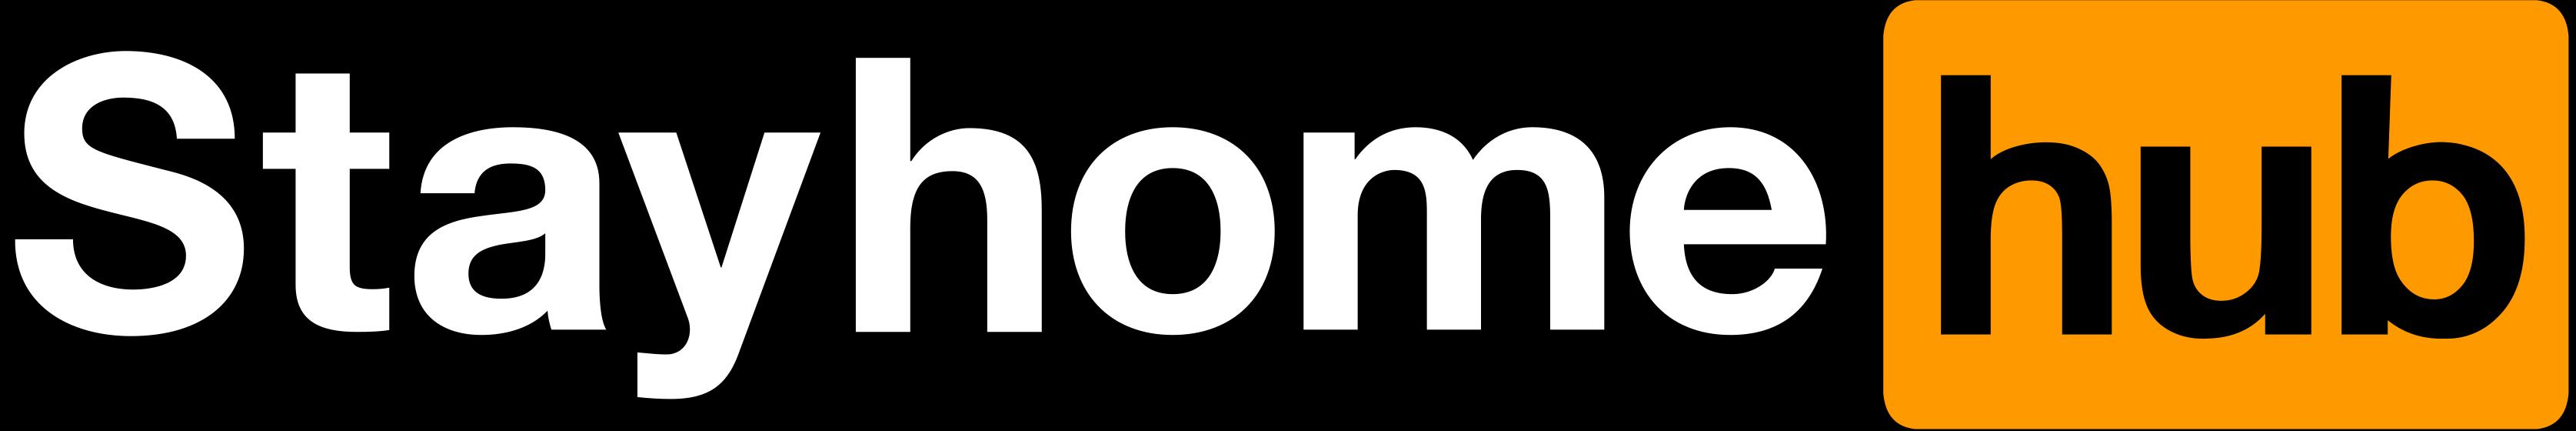 Pornhub Stayhomehub logo